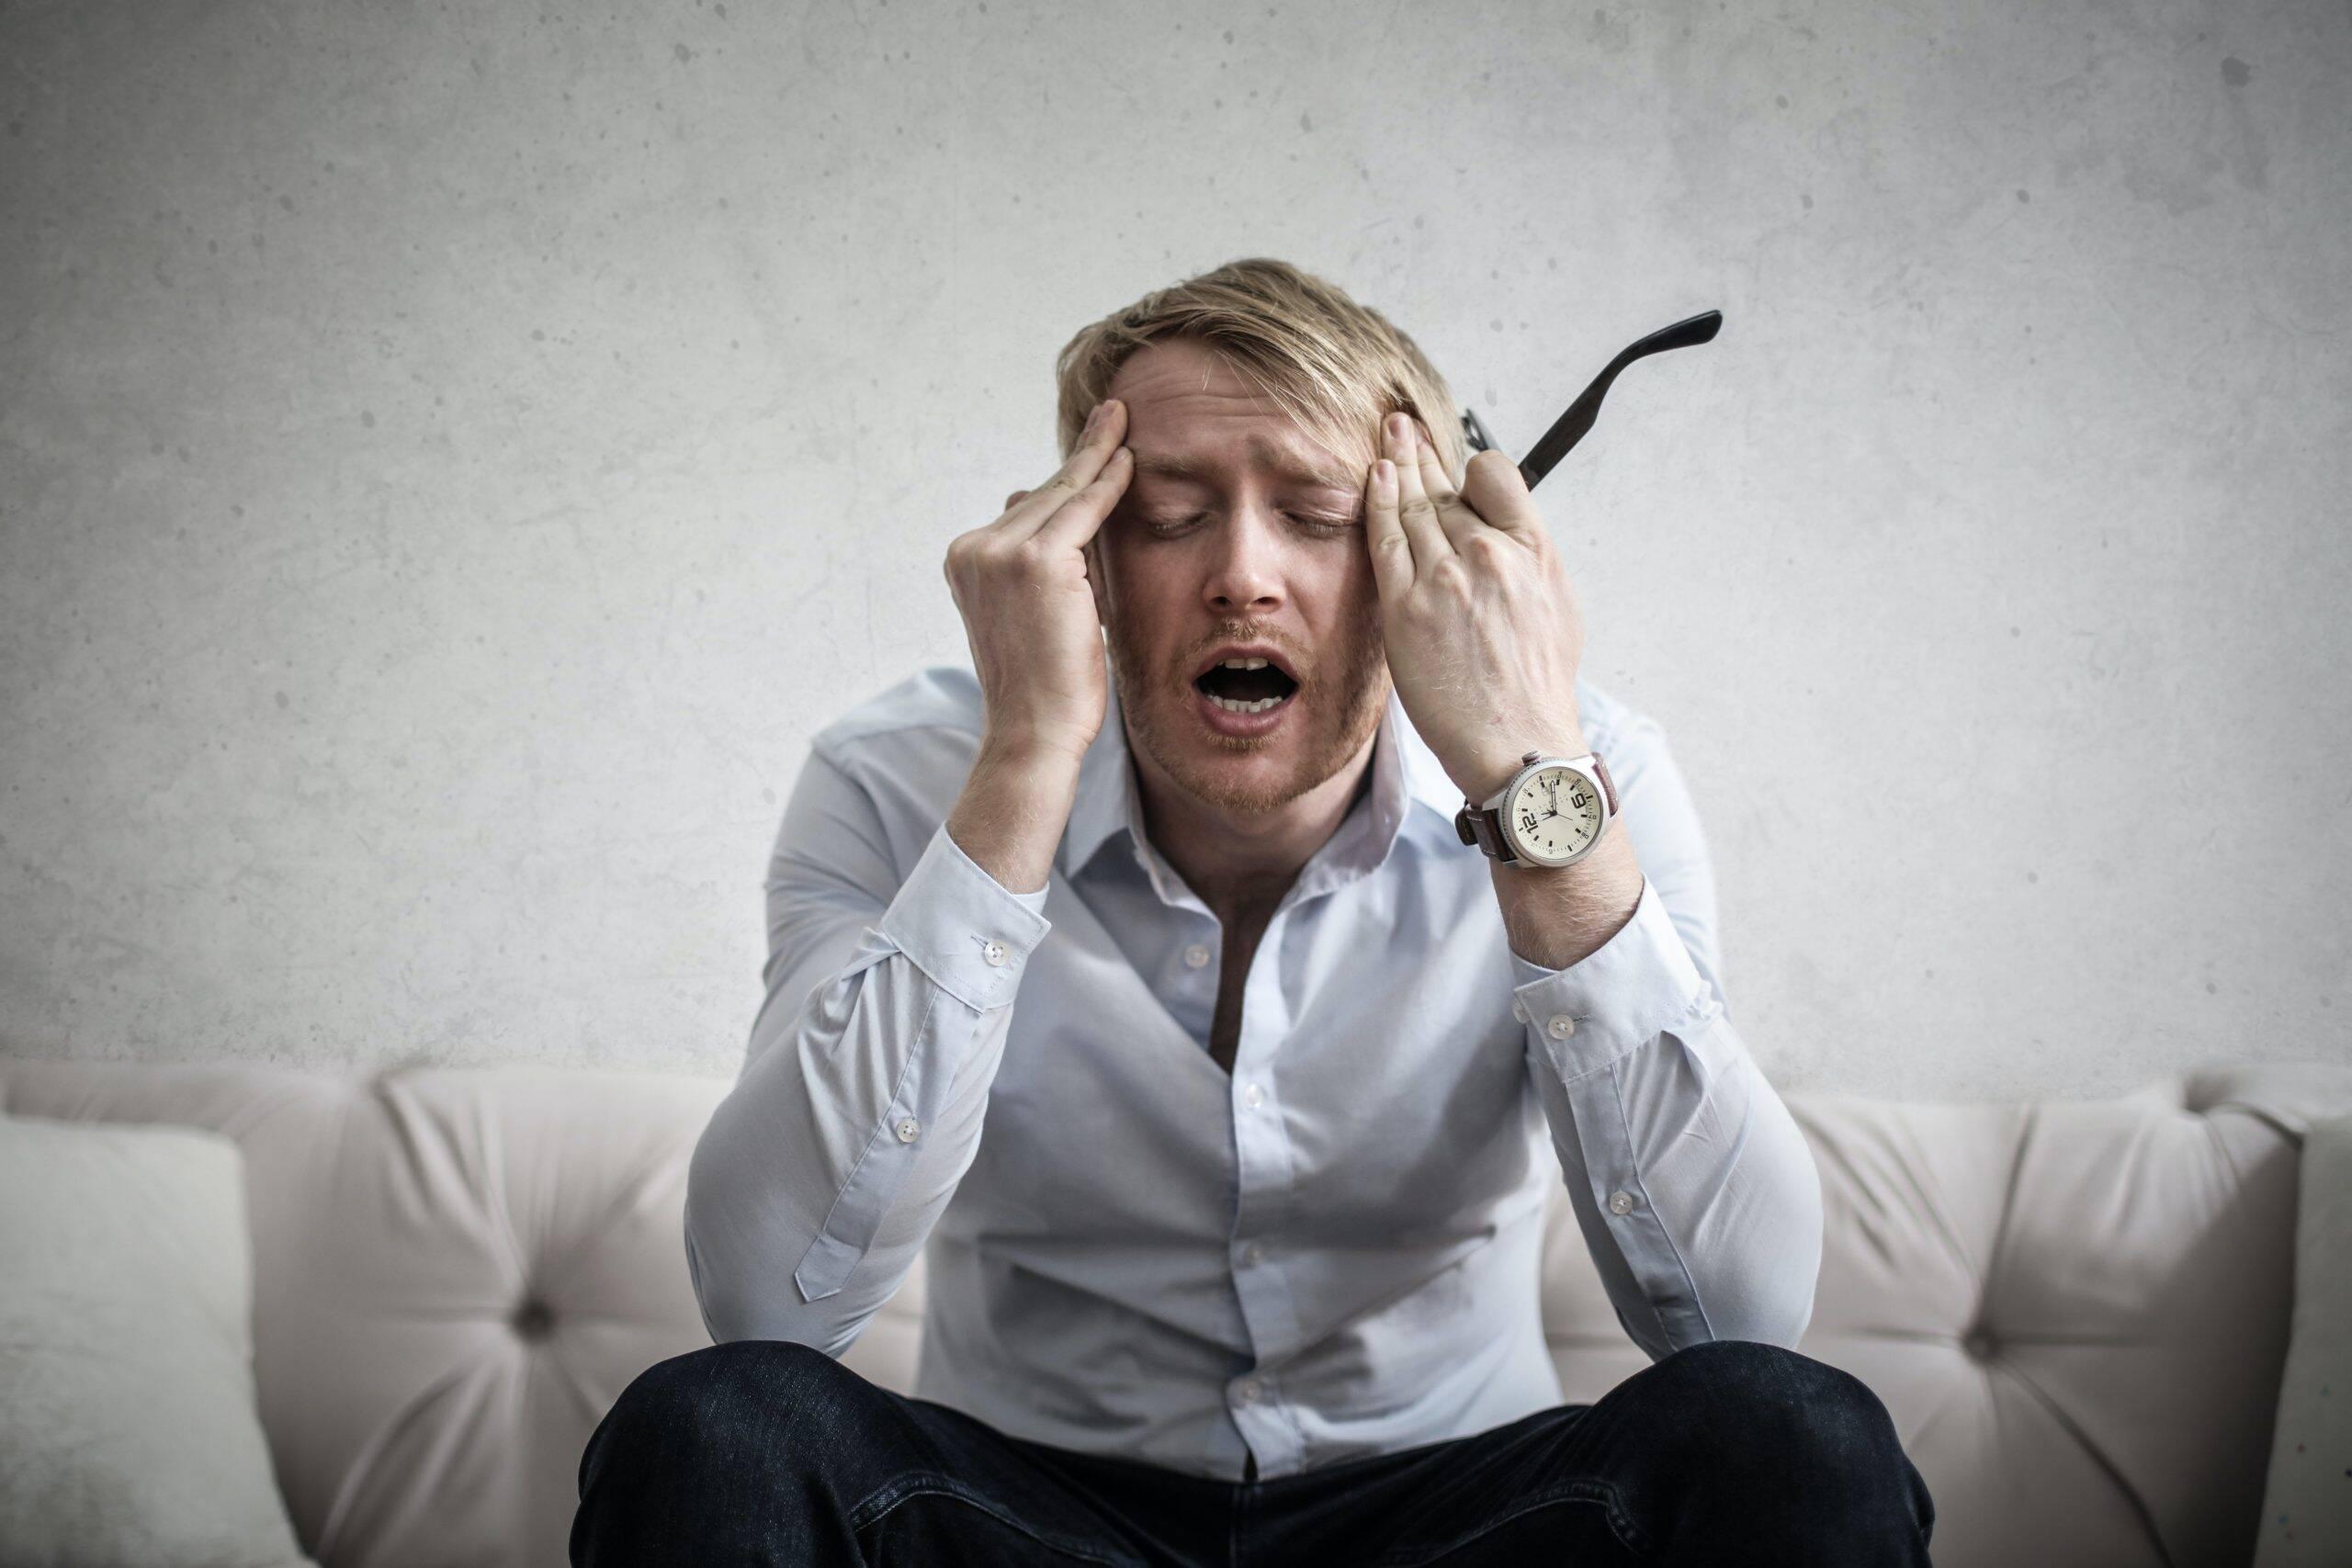 Tanto a saúde física, quanto a emocional podem ser fortemente atingidas com o estresse excessivo. (Foto: Pexels)